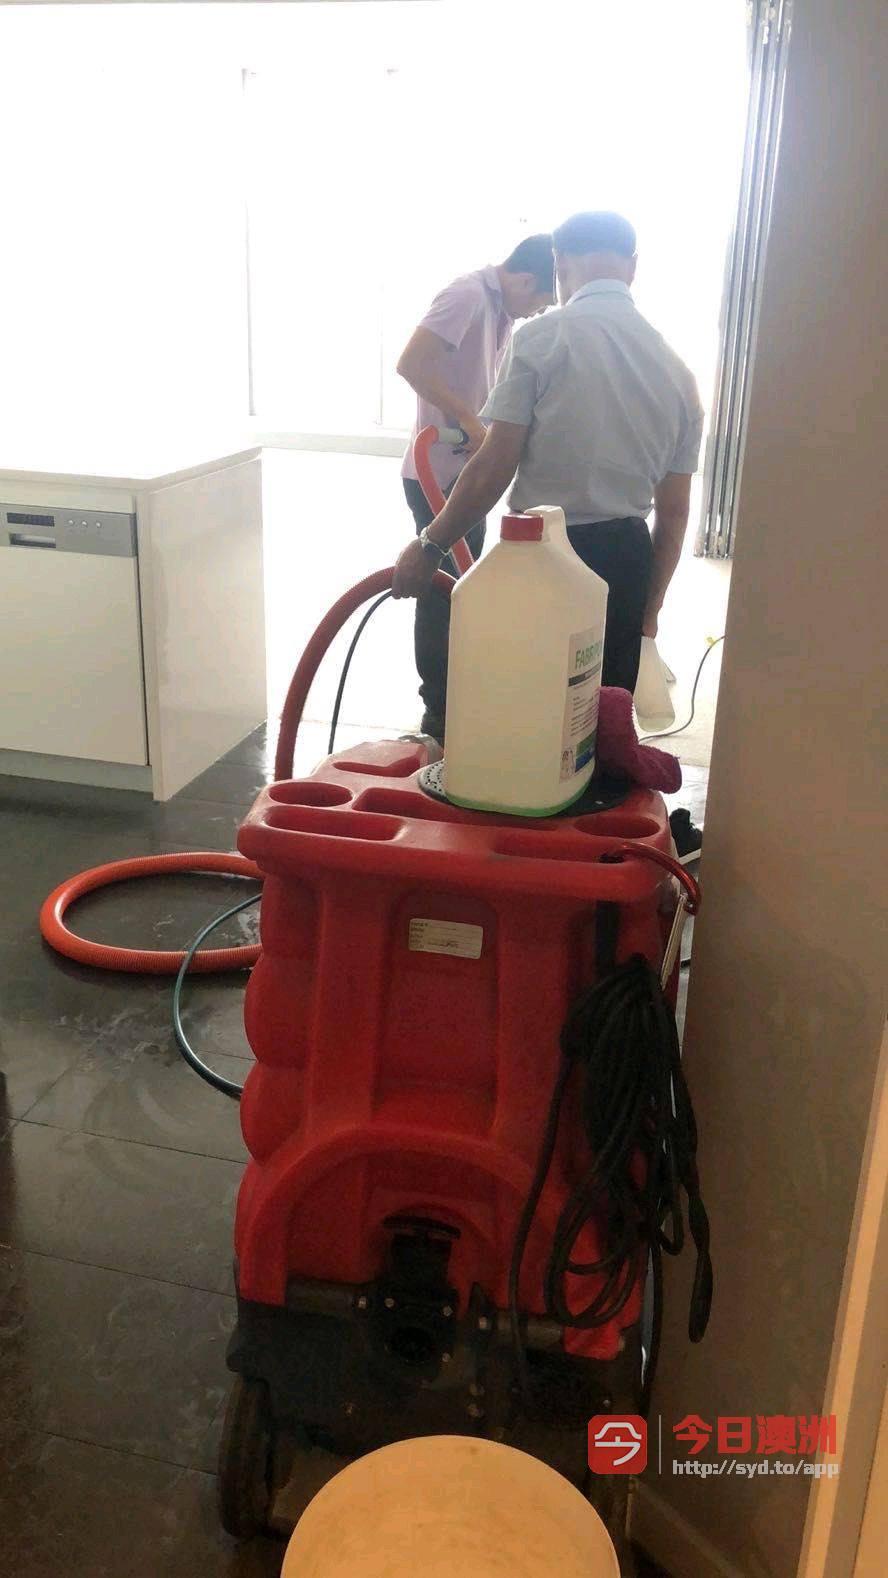 修复水管水龙头漏水疏通厨房洗脸盆浴室下水道专业退租退房清洁服务強